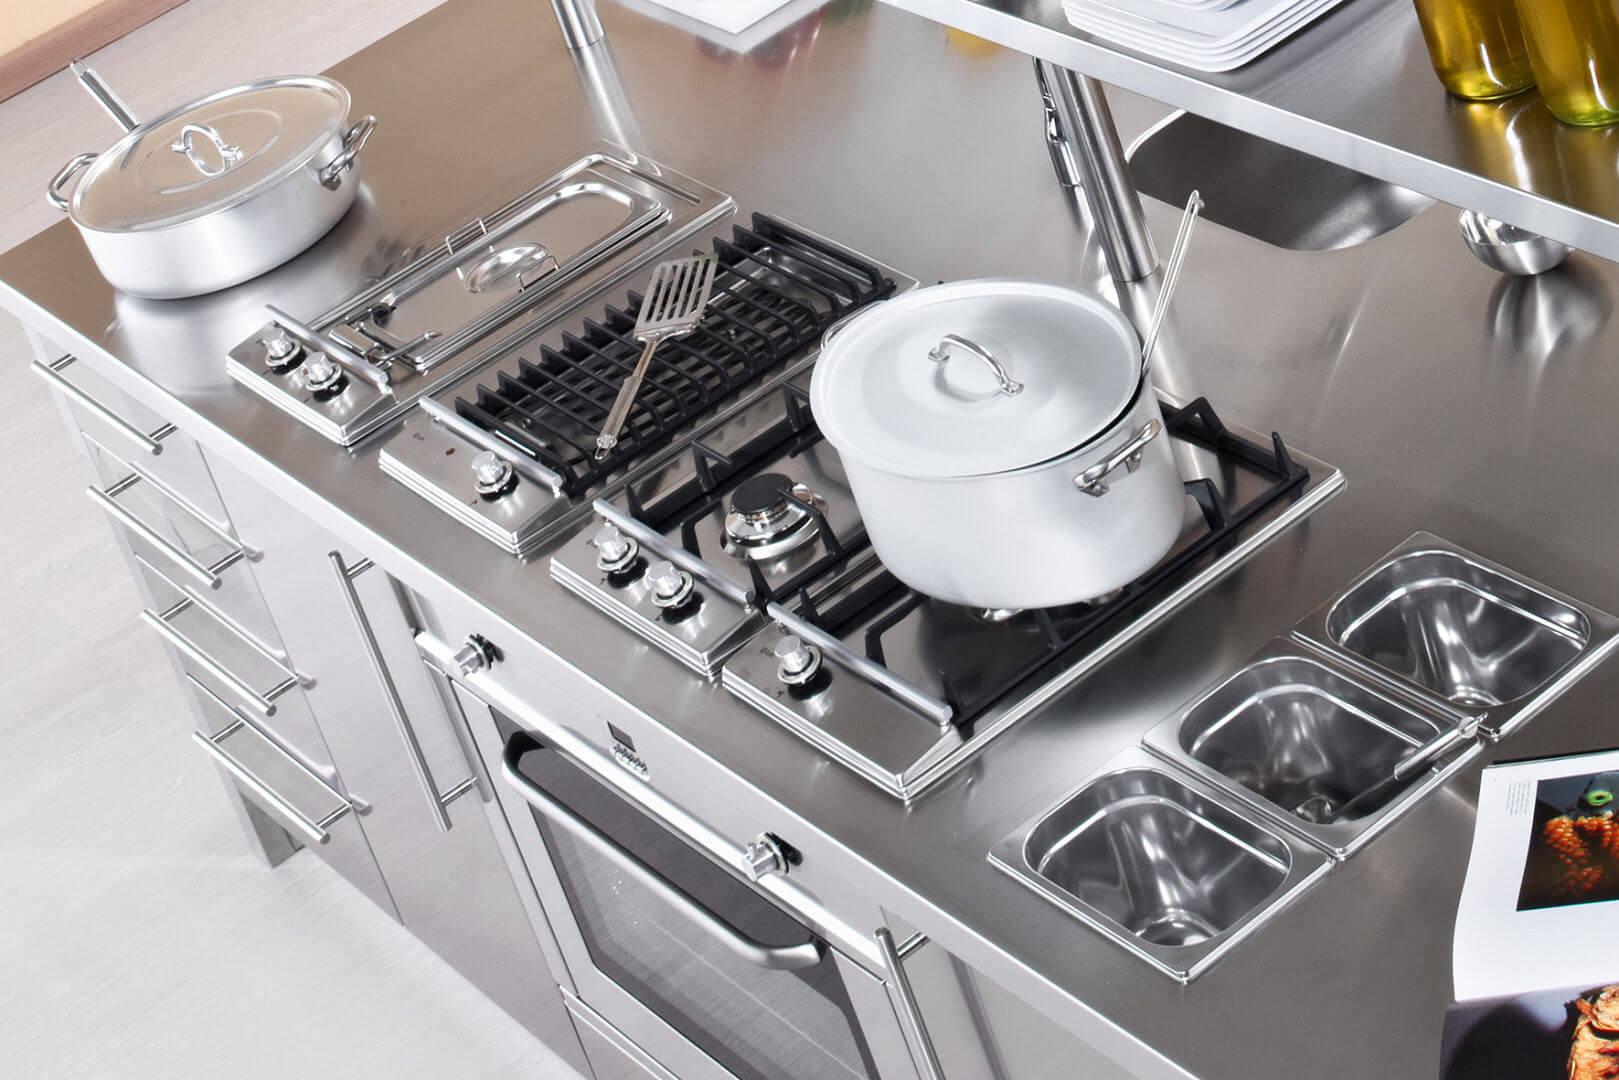 Cucine a gas professionali